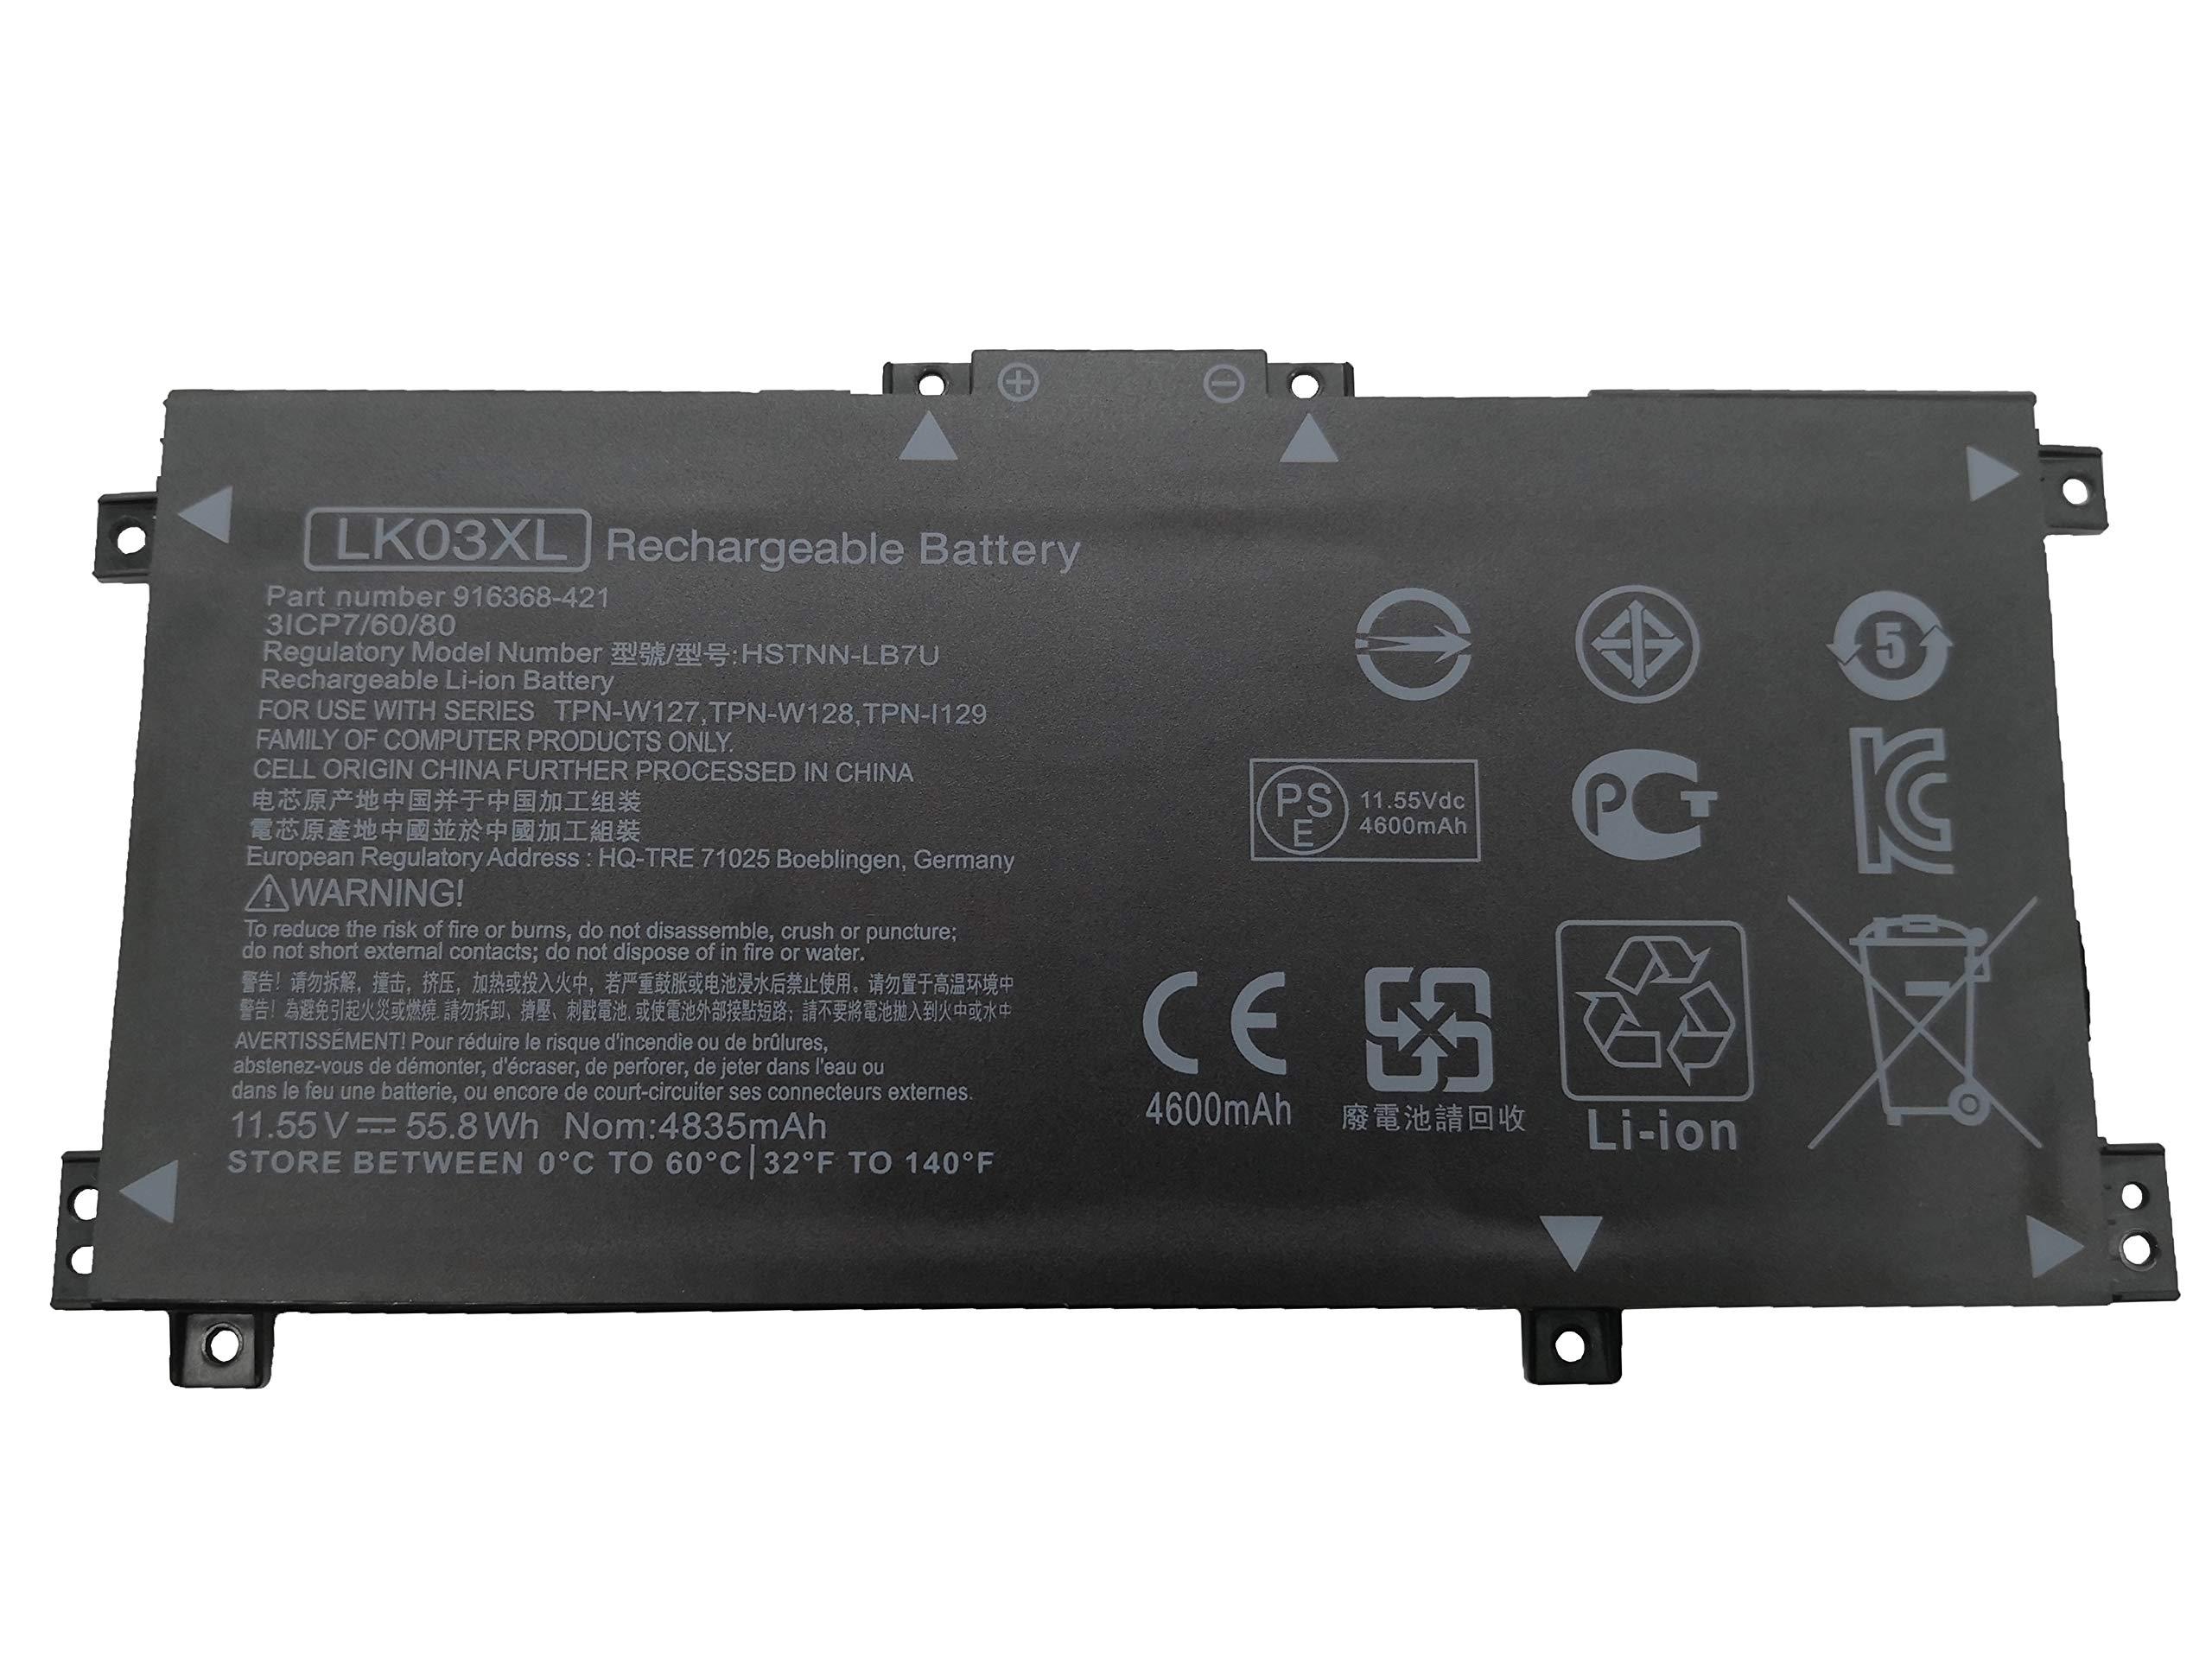 Bateria Tinkerpal Lk03xl Hp Envy 17m Series Tpn-w127 Tpn-w12